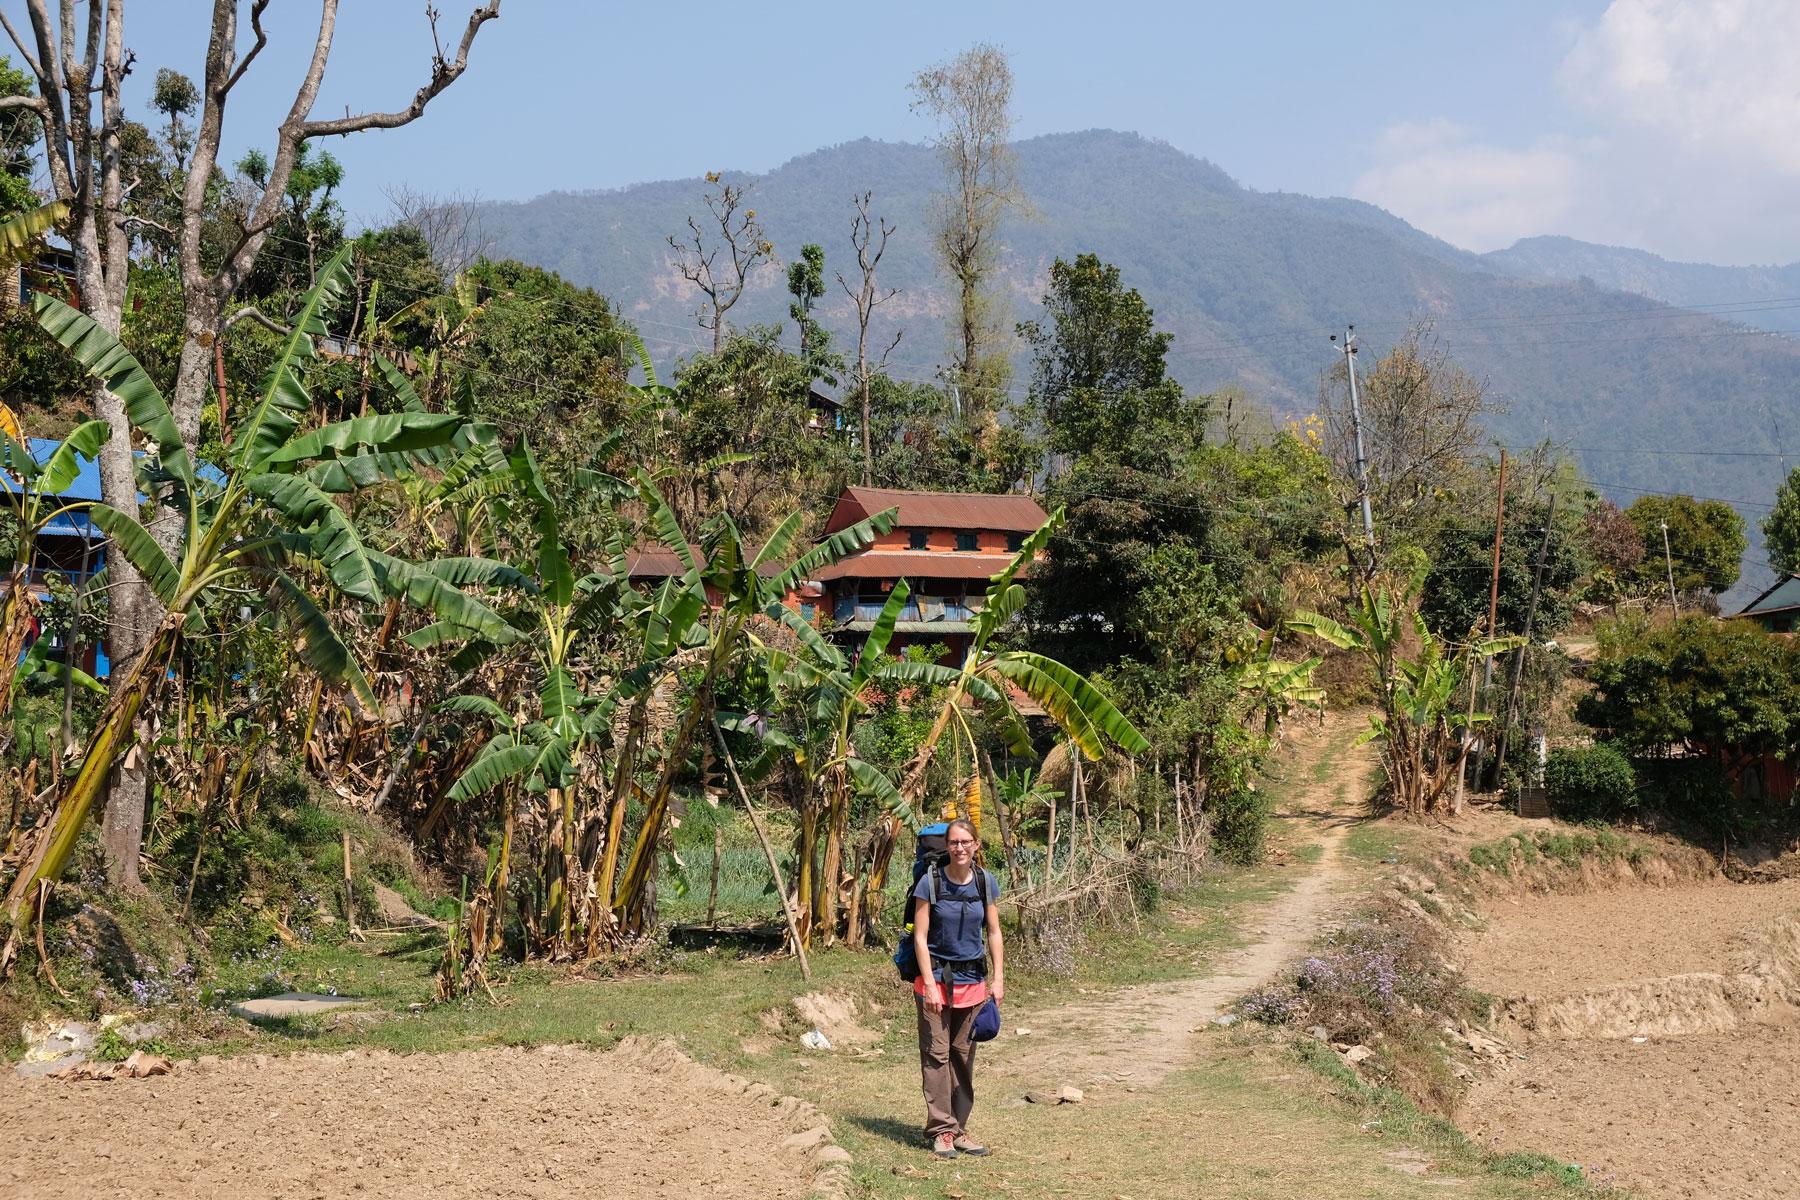 Leo vor Bananenpalmen auf dem Wanderweg des Annapurna Circuit.